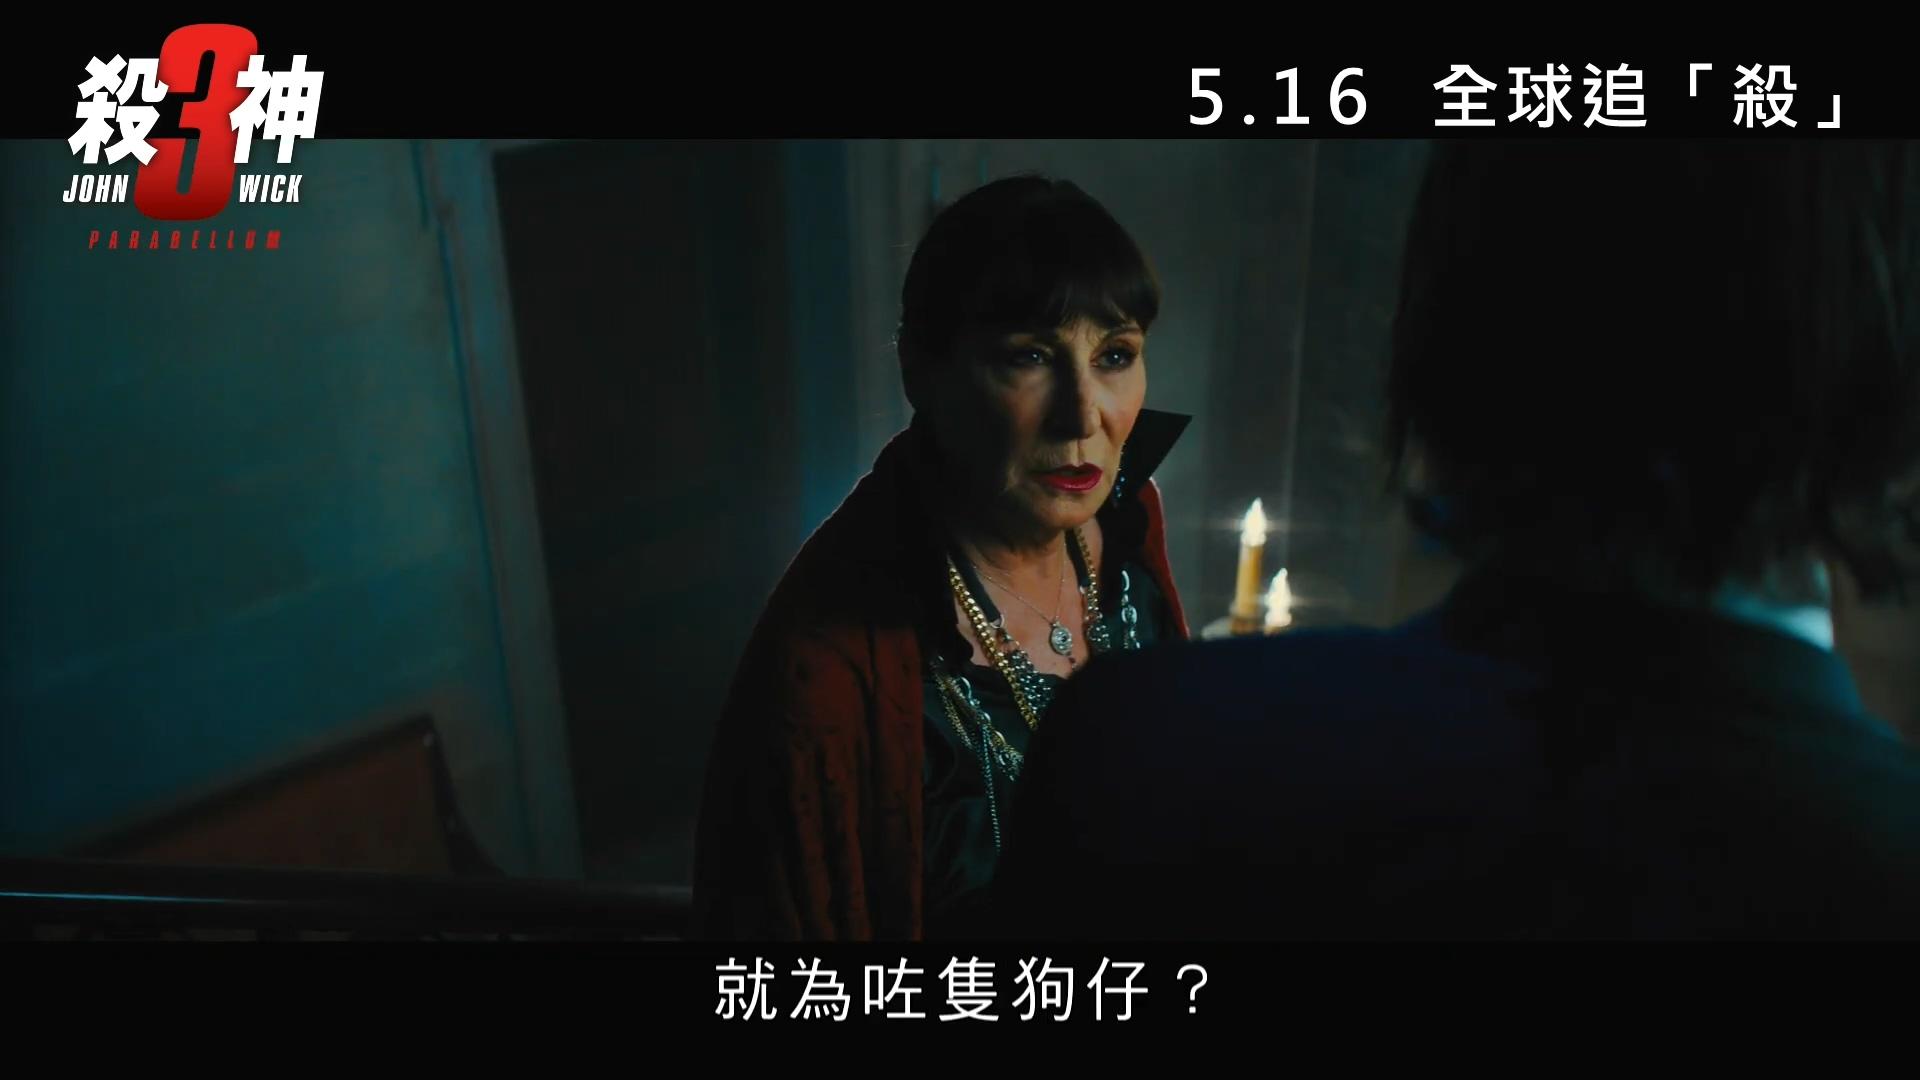 《疾速追殺3》首曝中字片段 基努真是愛狗心切